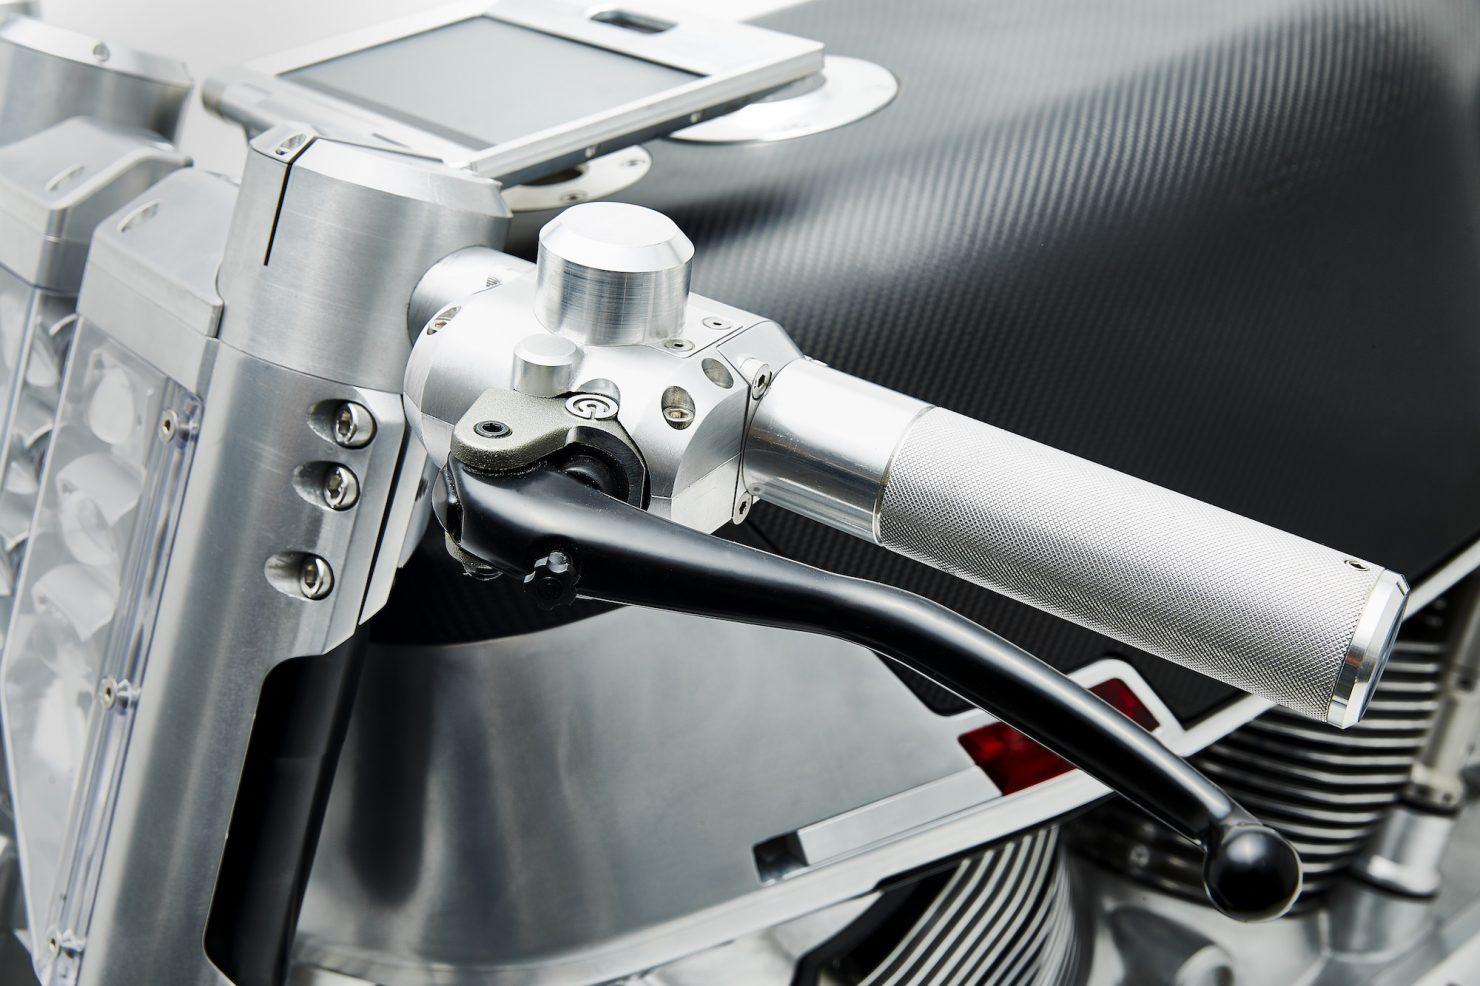 Lego Technic Für Erwachsene Vanguard Motorcycle Riser Biker